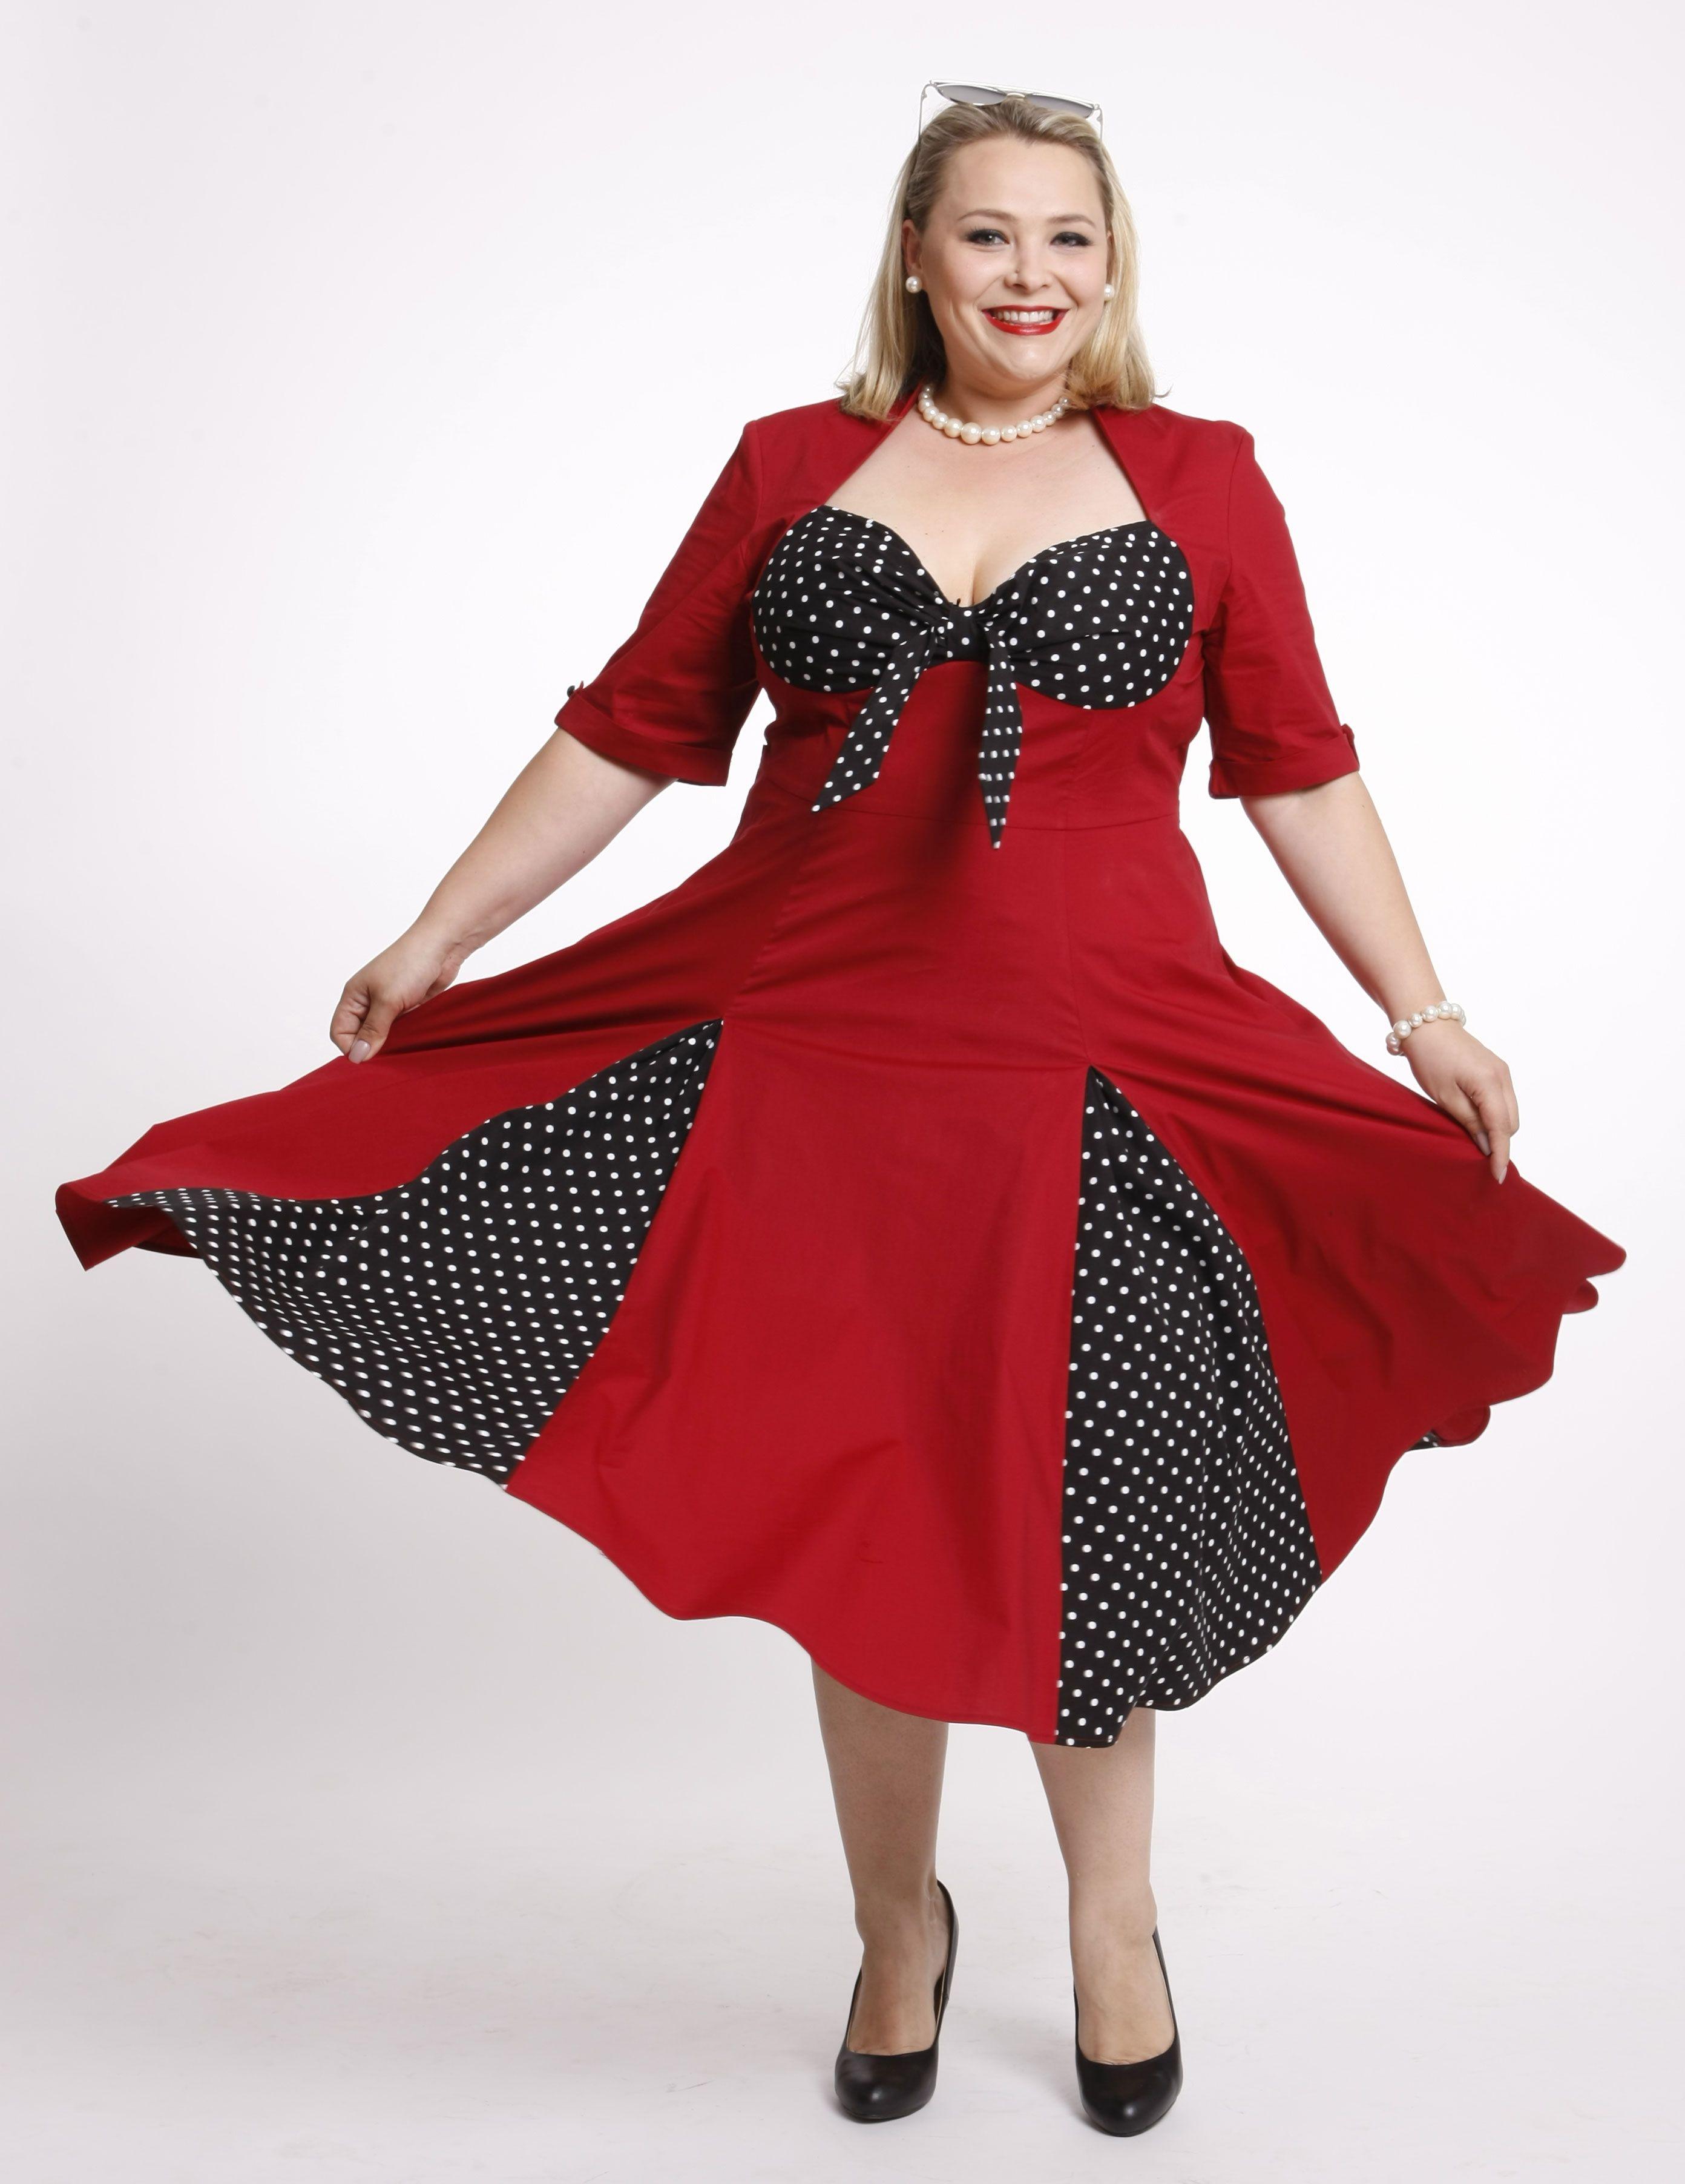 Auf Tolles Kleid Rockabilly Red Bis Gr5658 Bestellbar Dotty iPZuTlkwOX